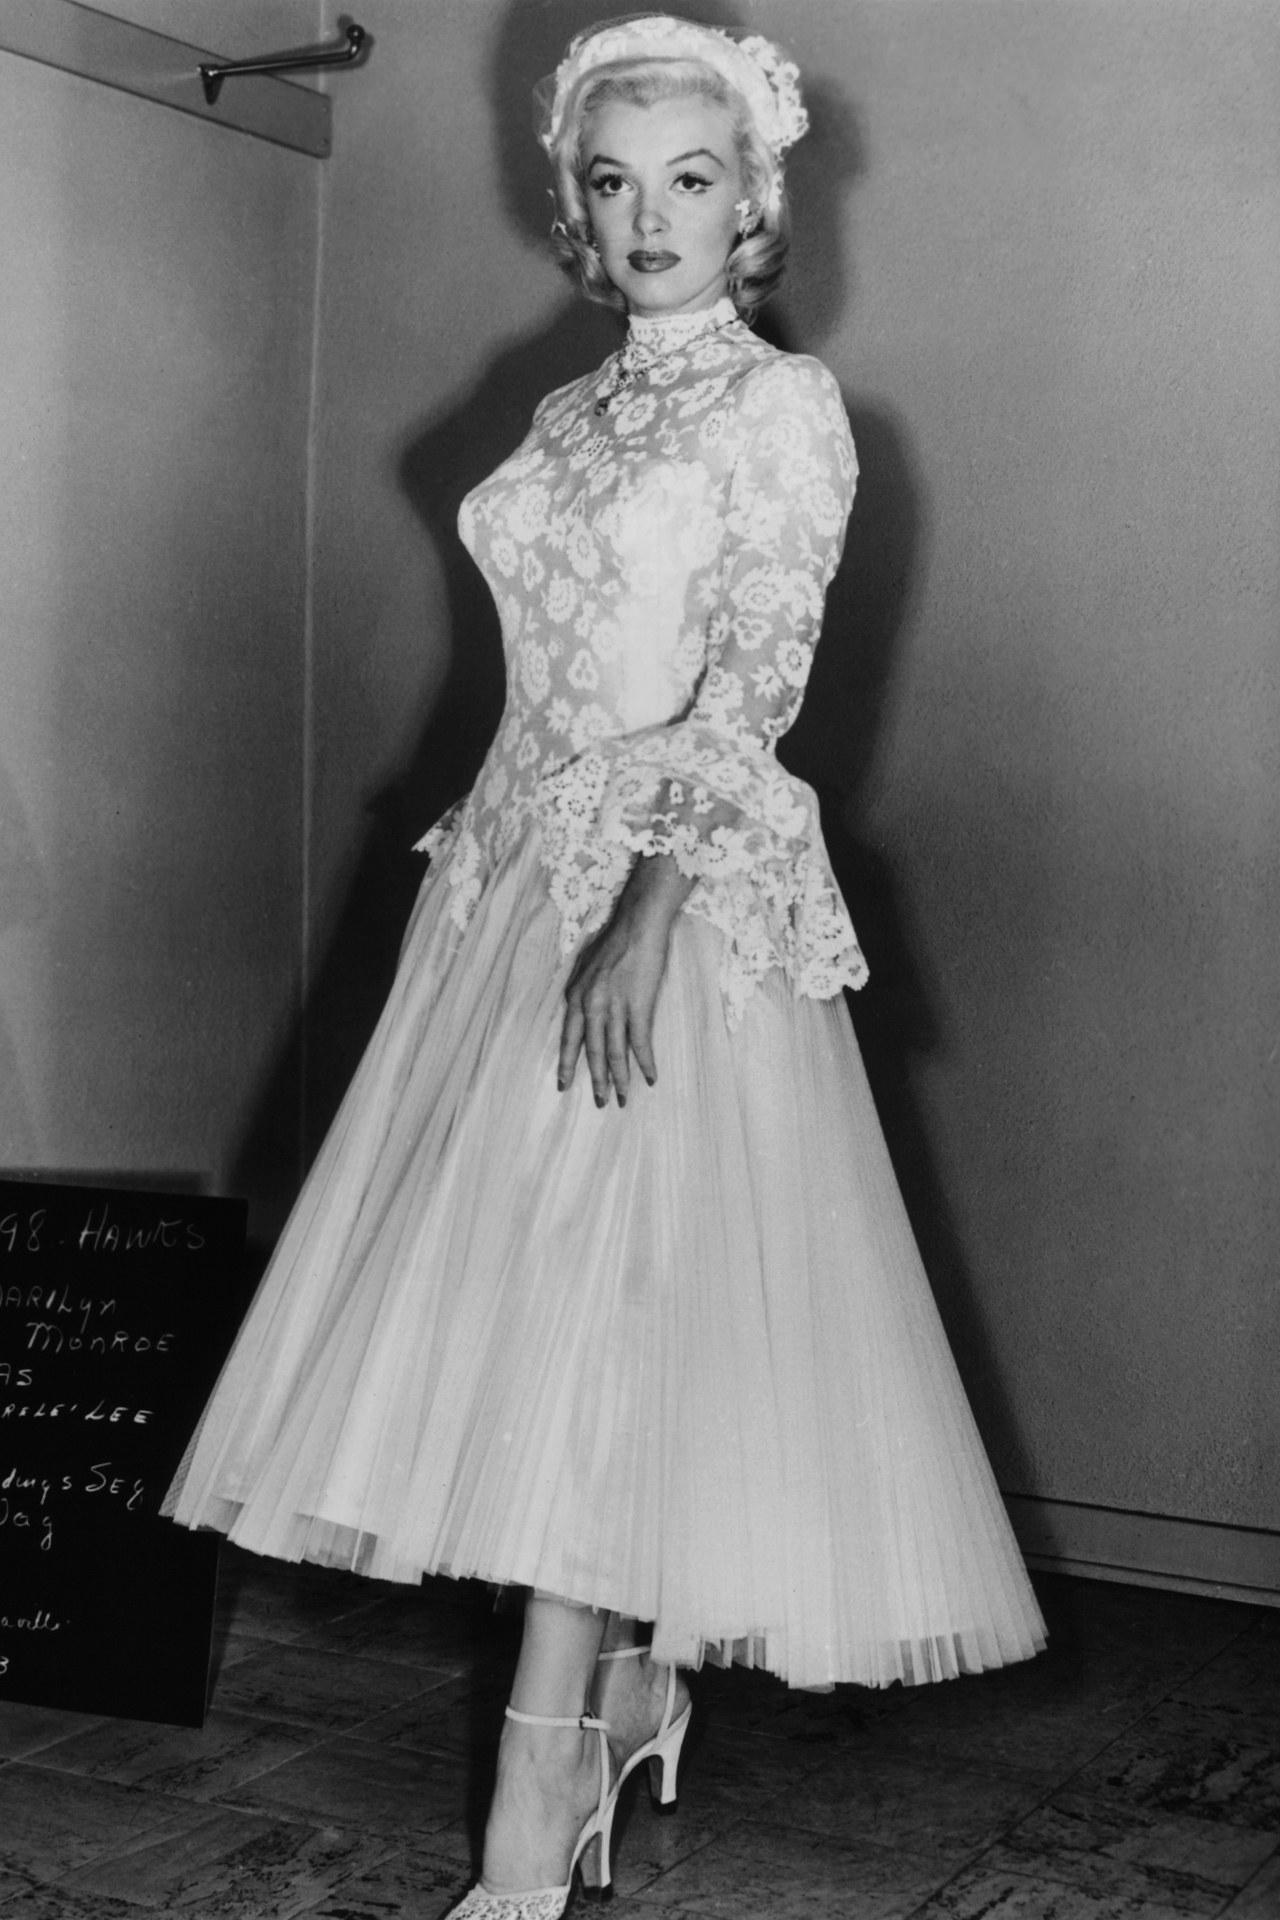 Marilyn-vestido